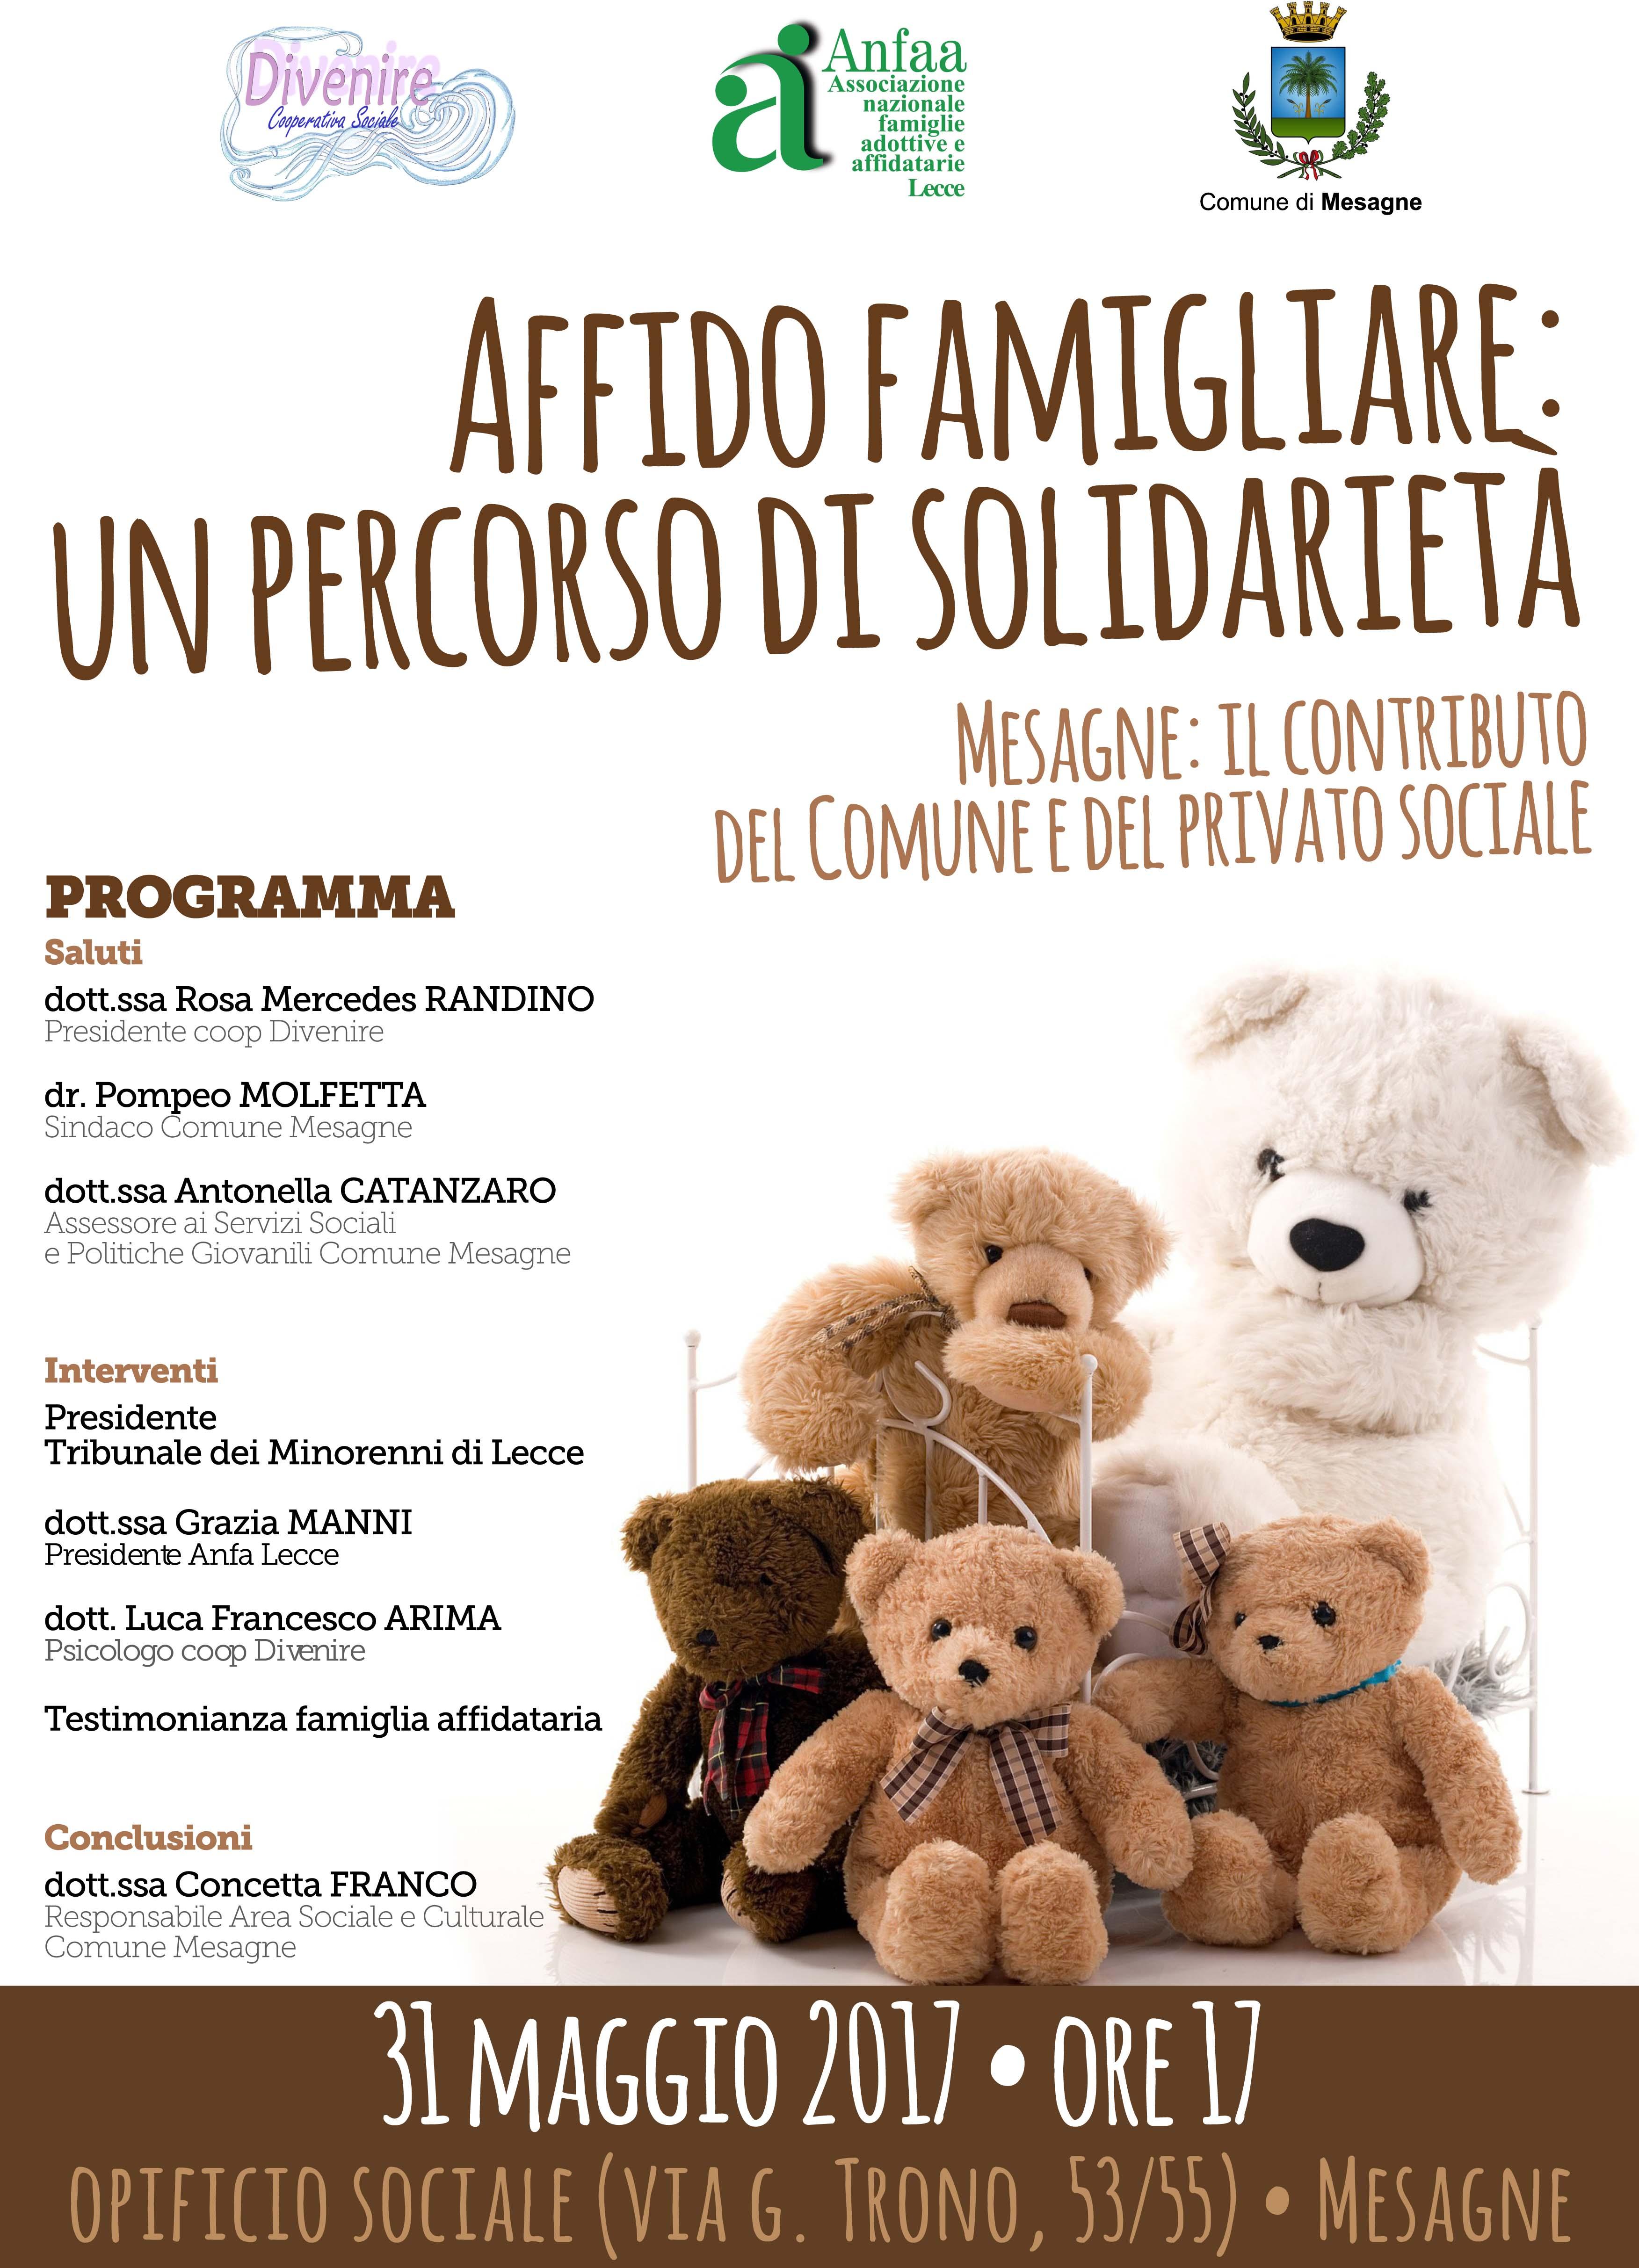 Affido Famigliare, un percorso di solidarietà. Mesagne, il contributo del Comune e del Privato sociale